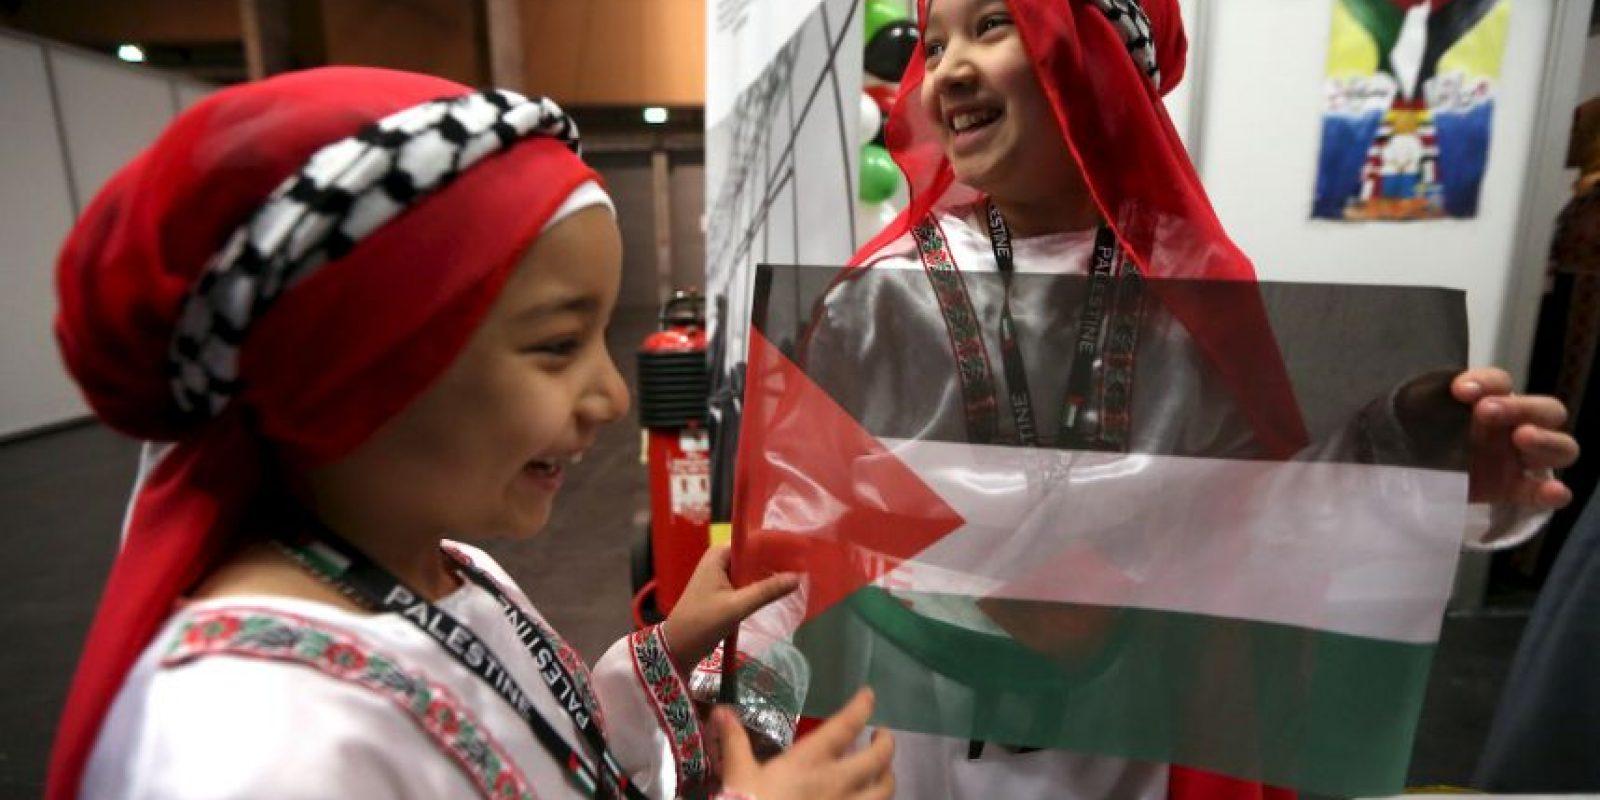 """""""Hamás rechaza todo cambio unilateral de gobierno sin el consentimiento de todas las partes"""", expresó un portavoz del grupo. Foto:Getty Images"""